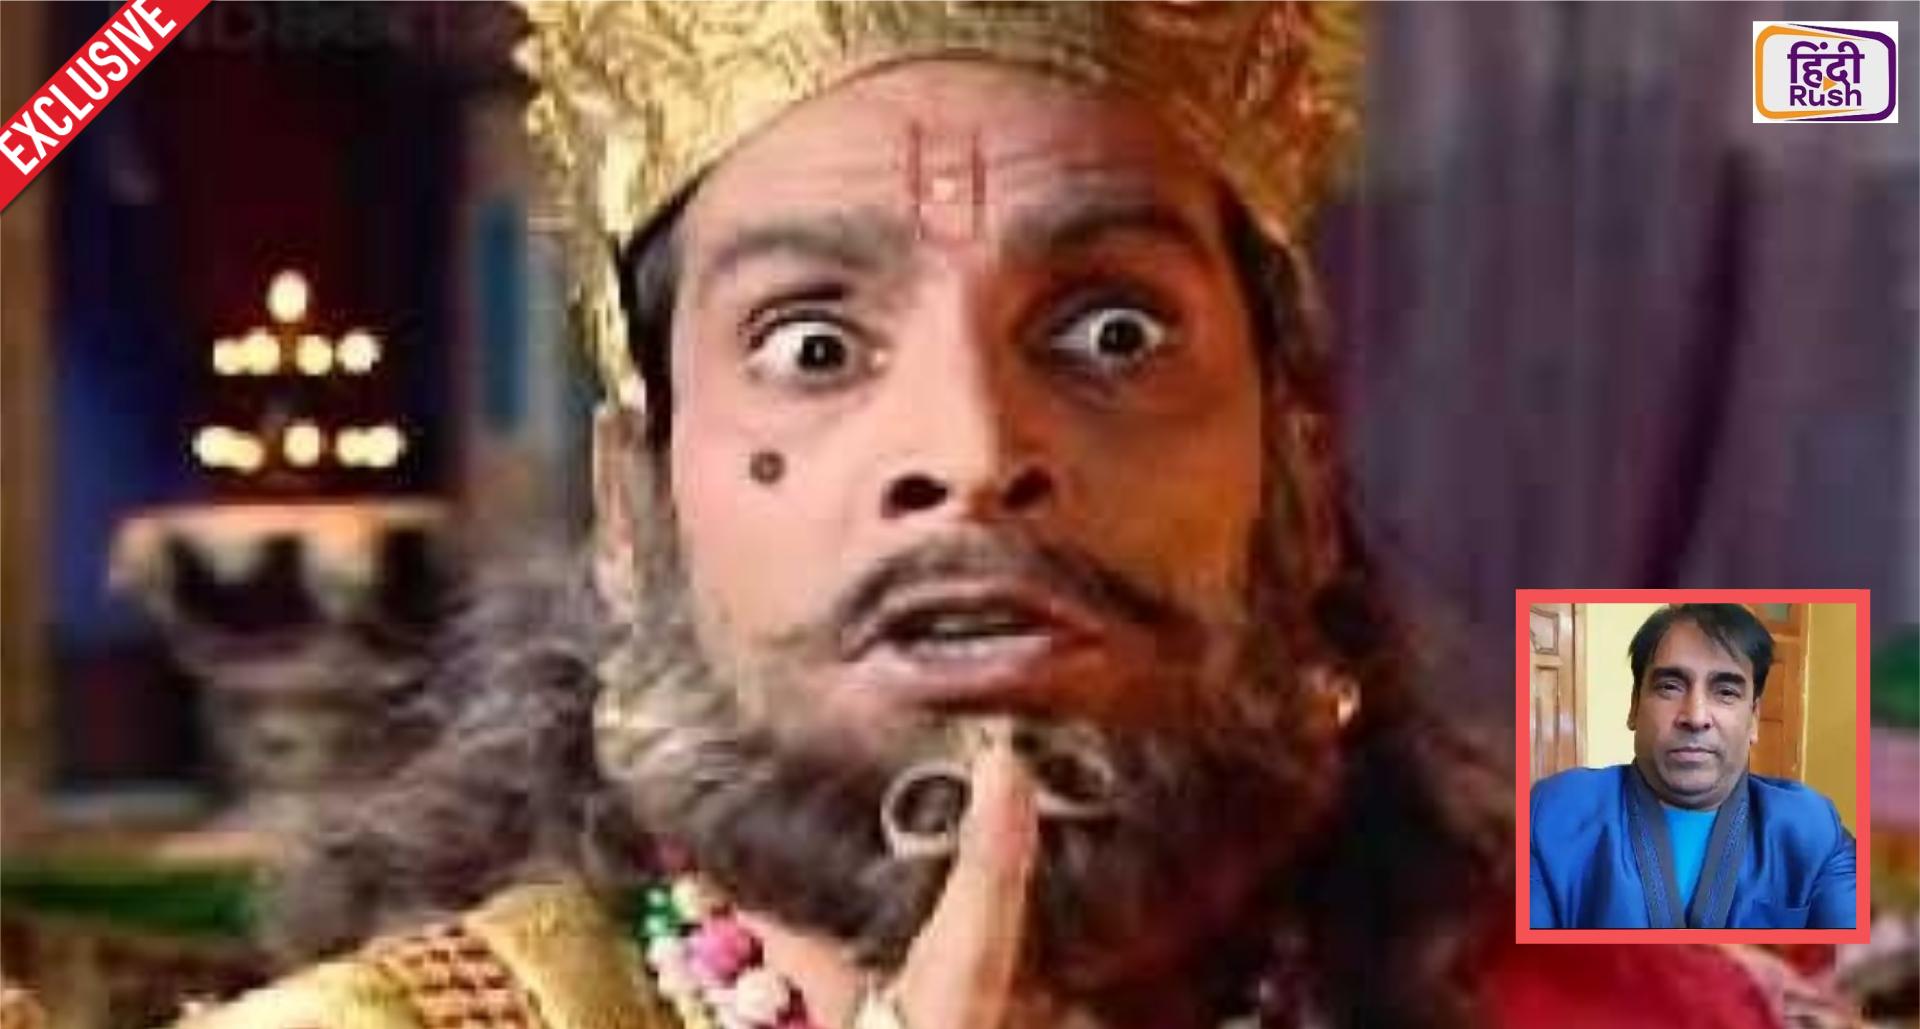 Exclusive: रामानंद सागर के 'श्री कृष्णा' के शकुनी को भूले तो नहीं? उठा इनकी गुमनामी की ज़िन्दगी से पर्दा!